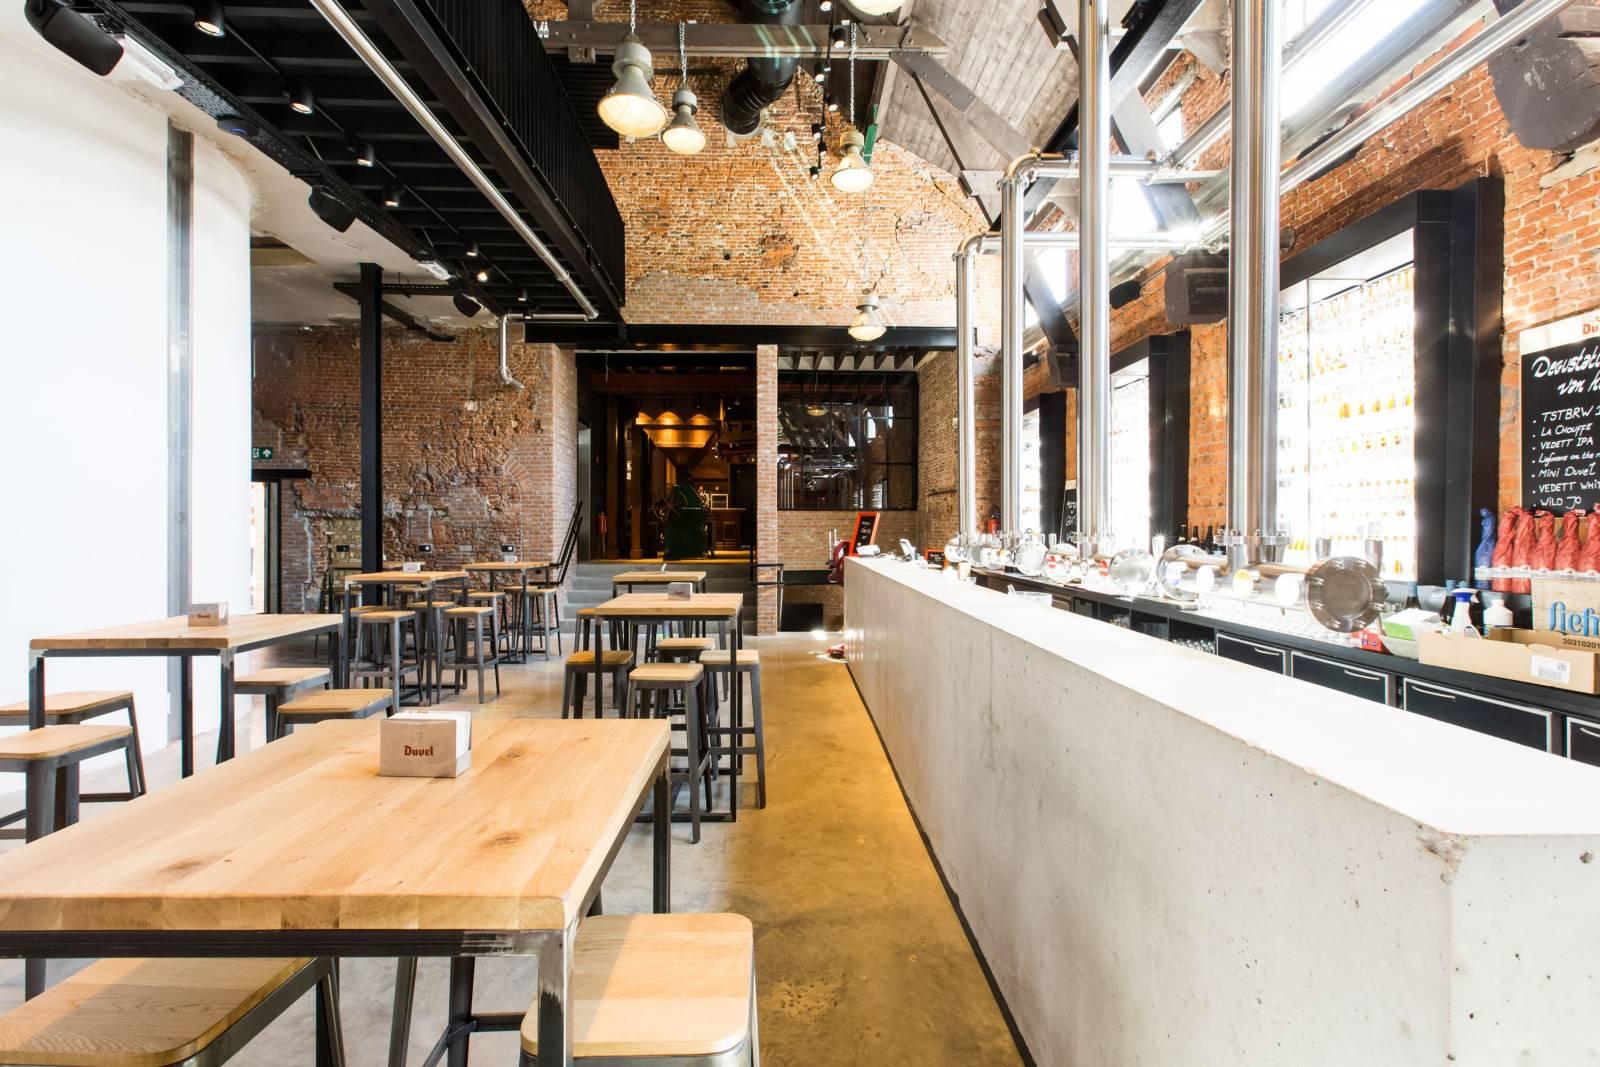 Brouwerij de Koninck - venue - House of Weddings - 6